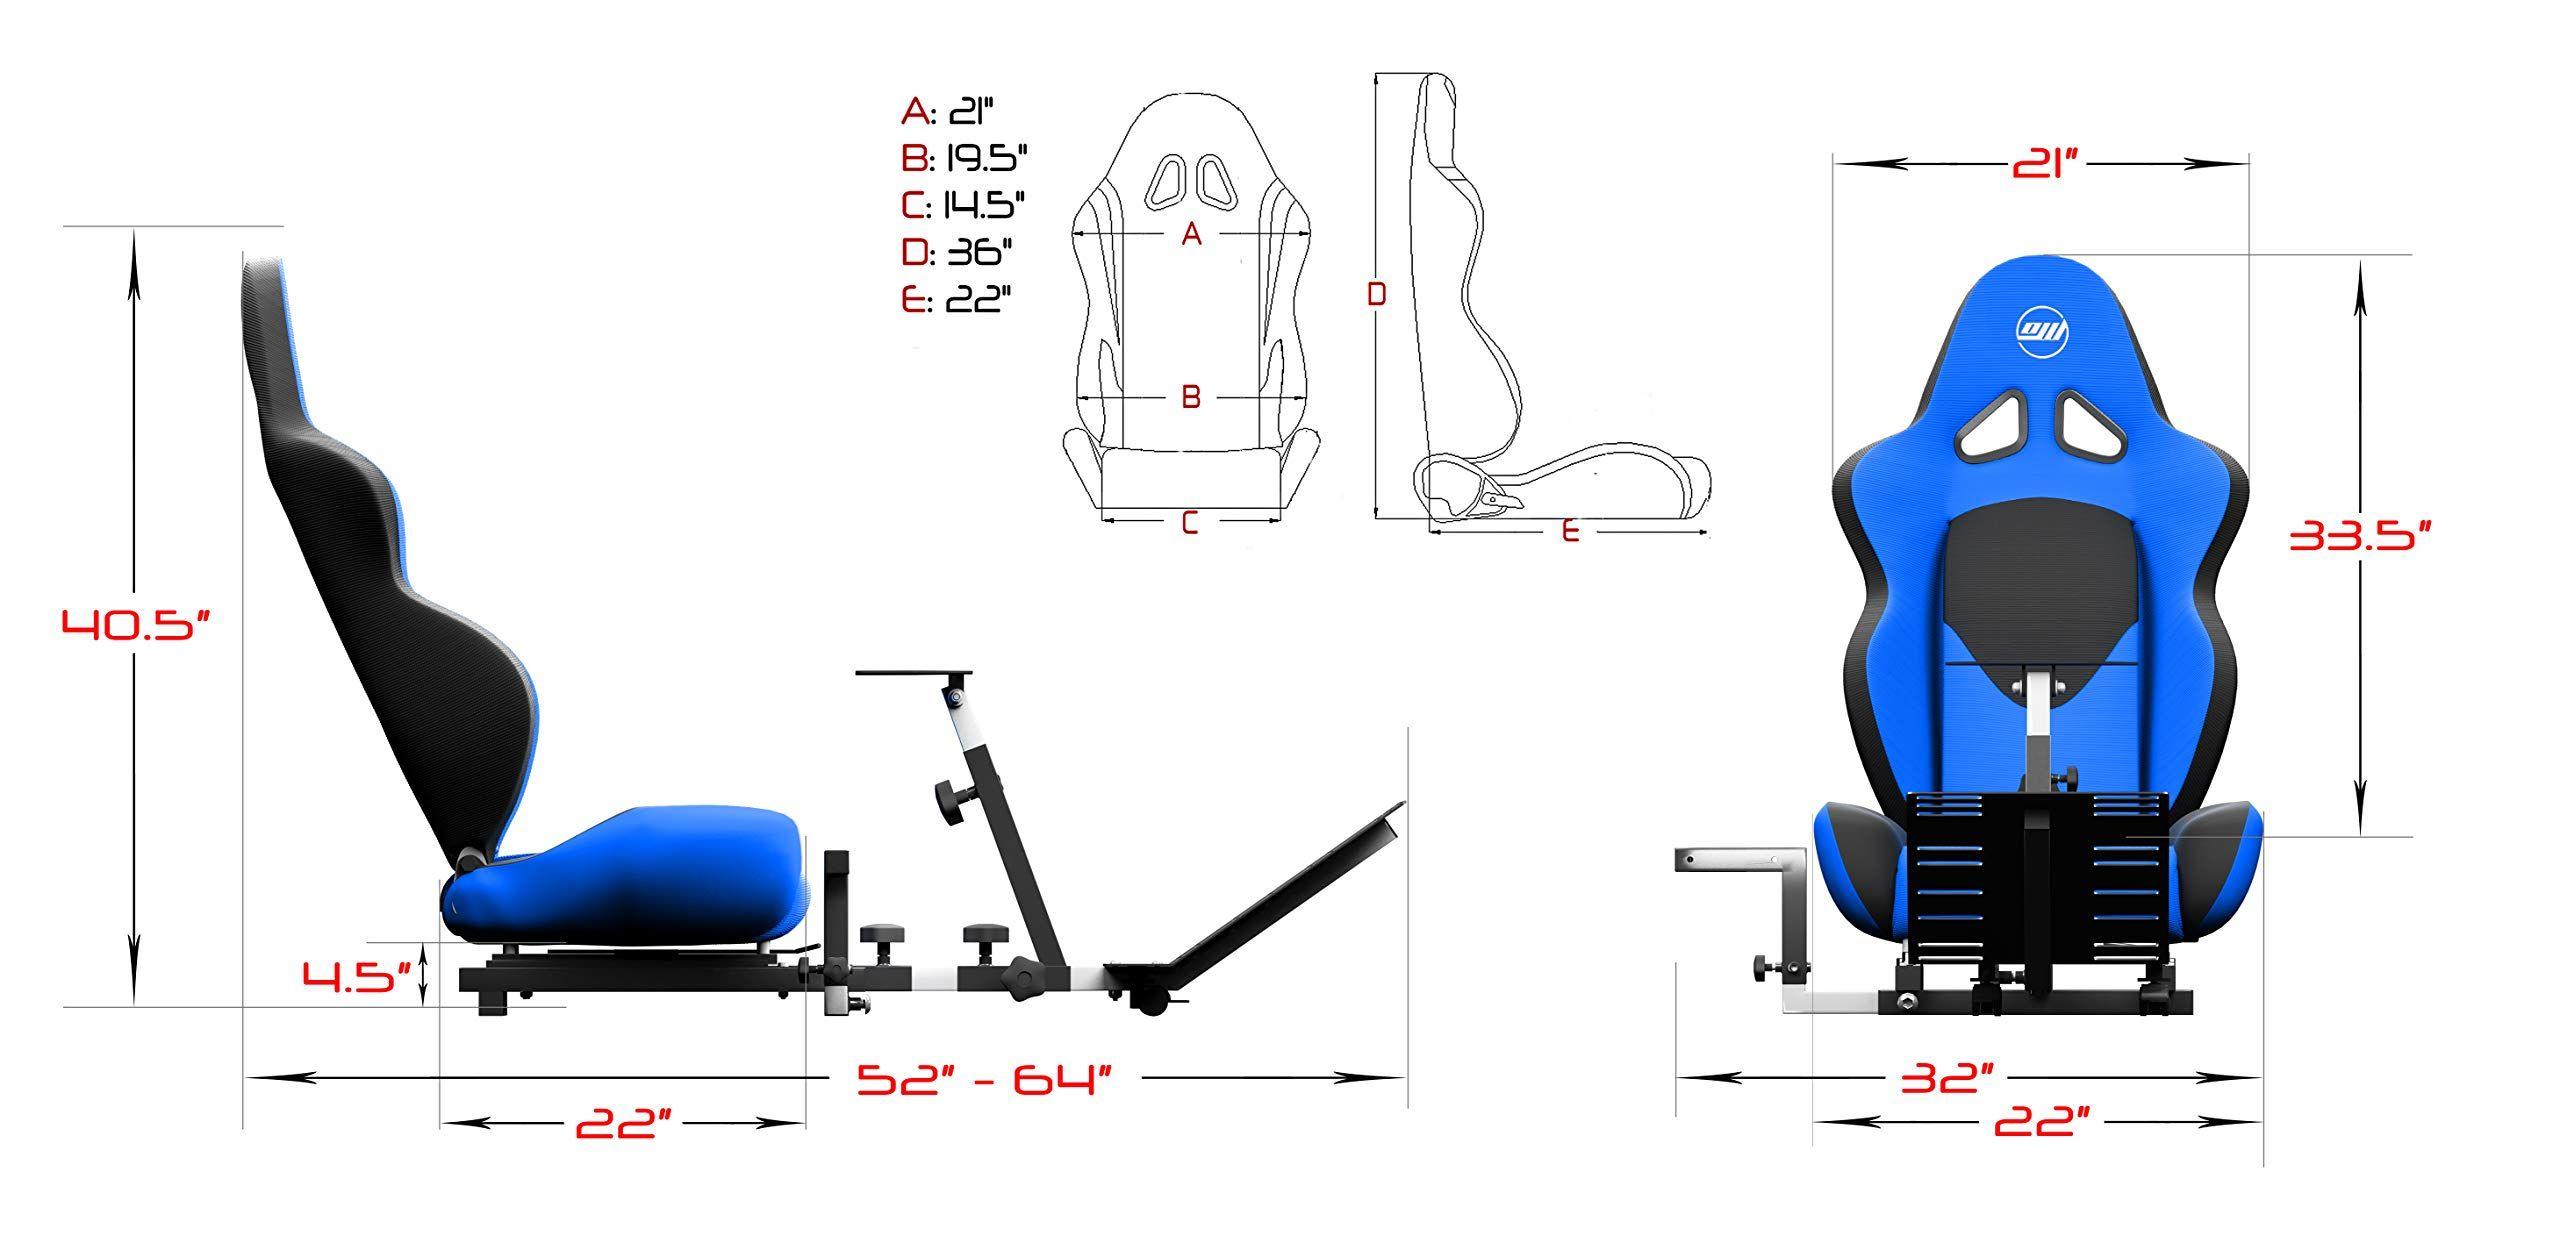 a80de43047c Openwheeler GEN2 Racing Wheel Stand Cockpit Blue on Black Fits All Logitech  G29 G920 All Thrustmaster All Fanatec Wheels,#Stand, #Cockpit, #Blue, #Wheel